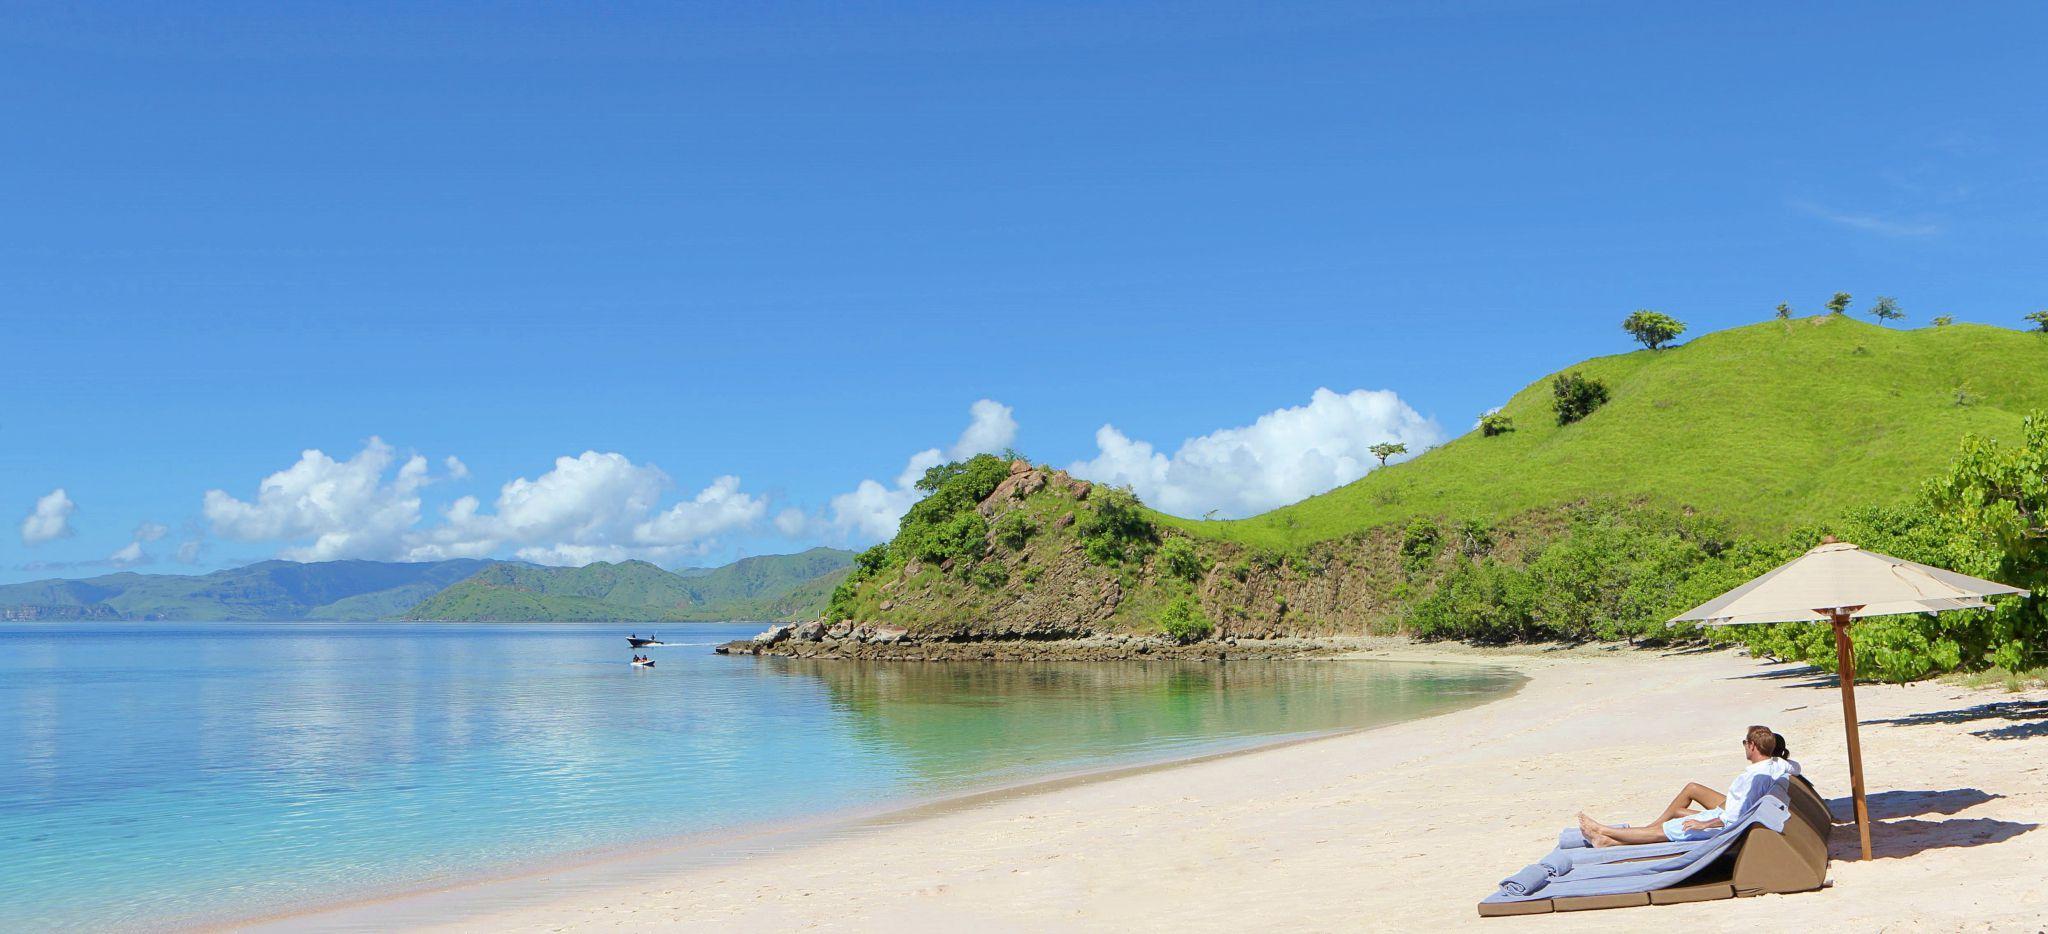 Strandliegen am Strand, Sonnenschirm, Meer und Grün, Indonesien